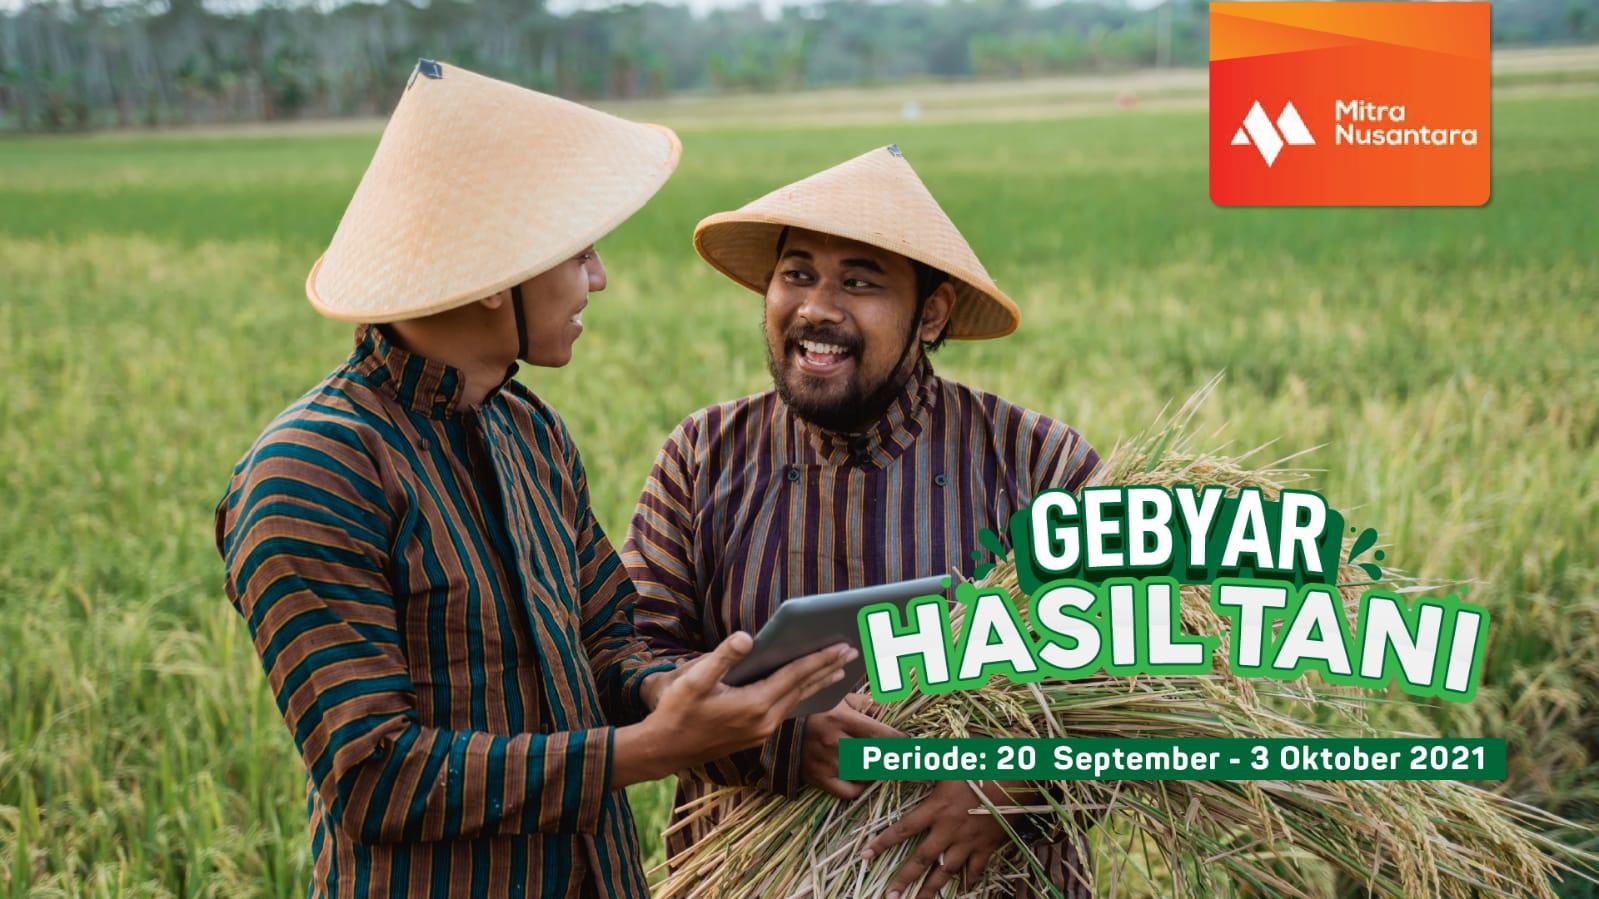 Rayakan Hari Tani Nasional, Rarali.com-MBN bantu petani lewat Gebyar Hasil Tani